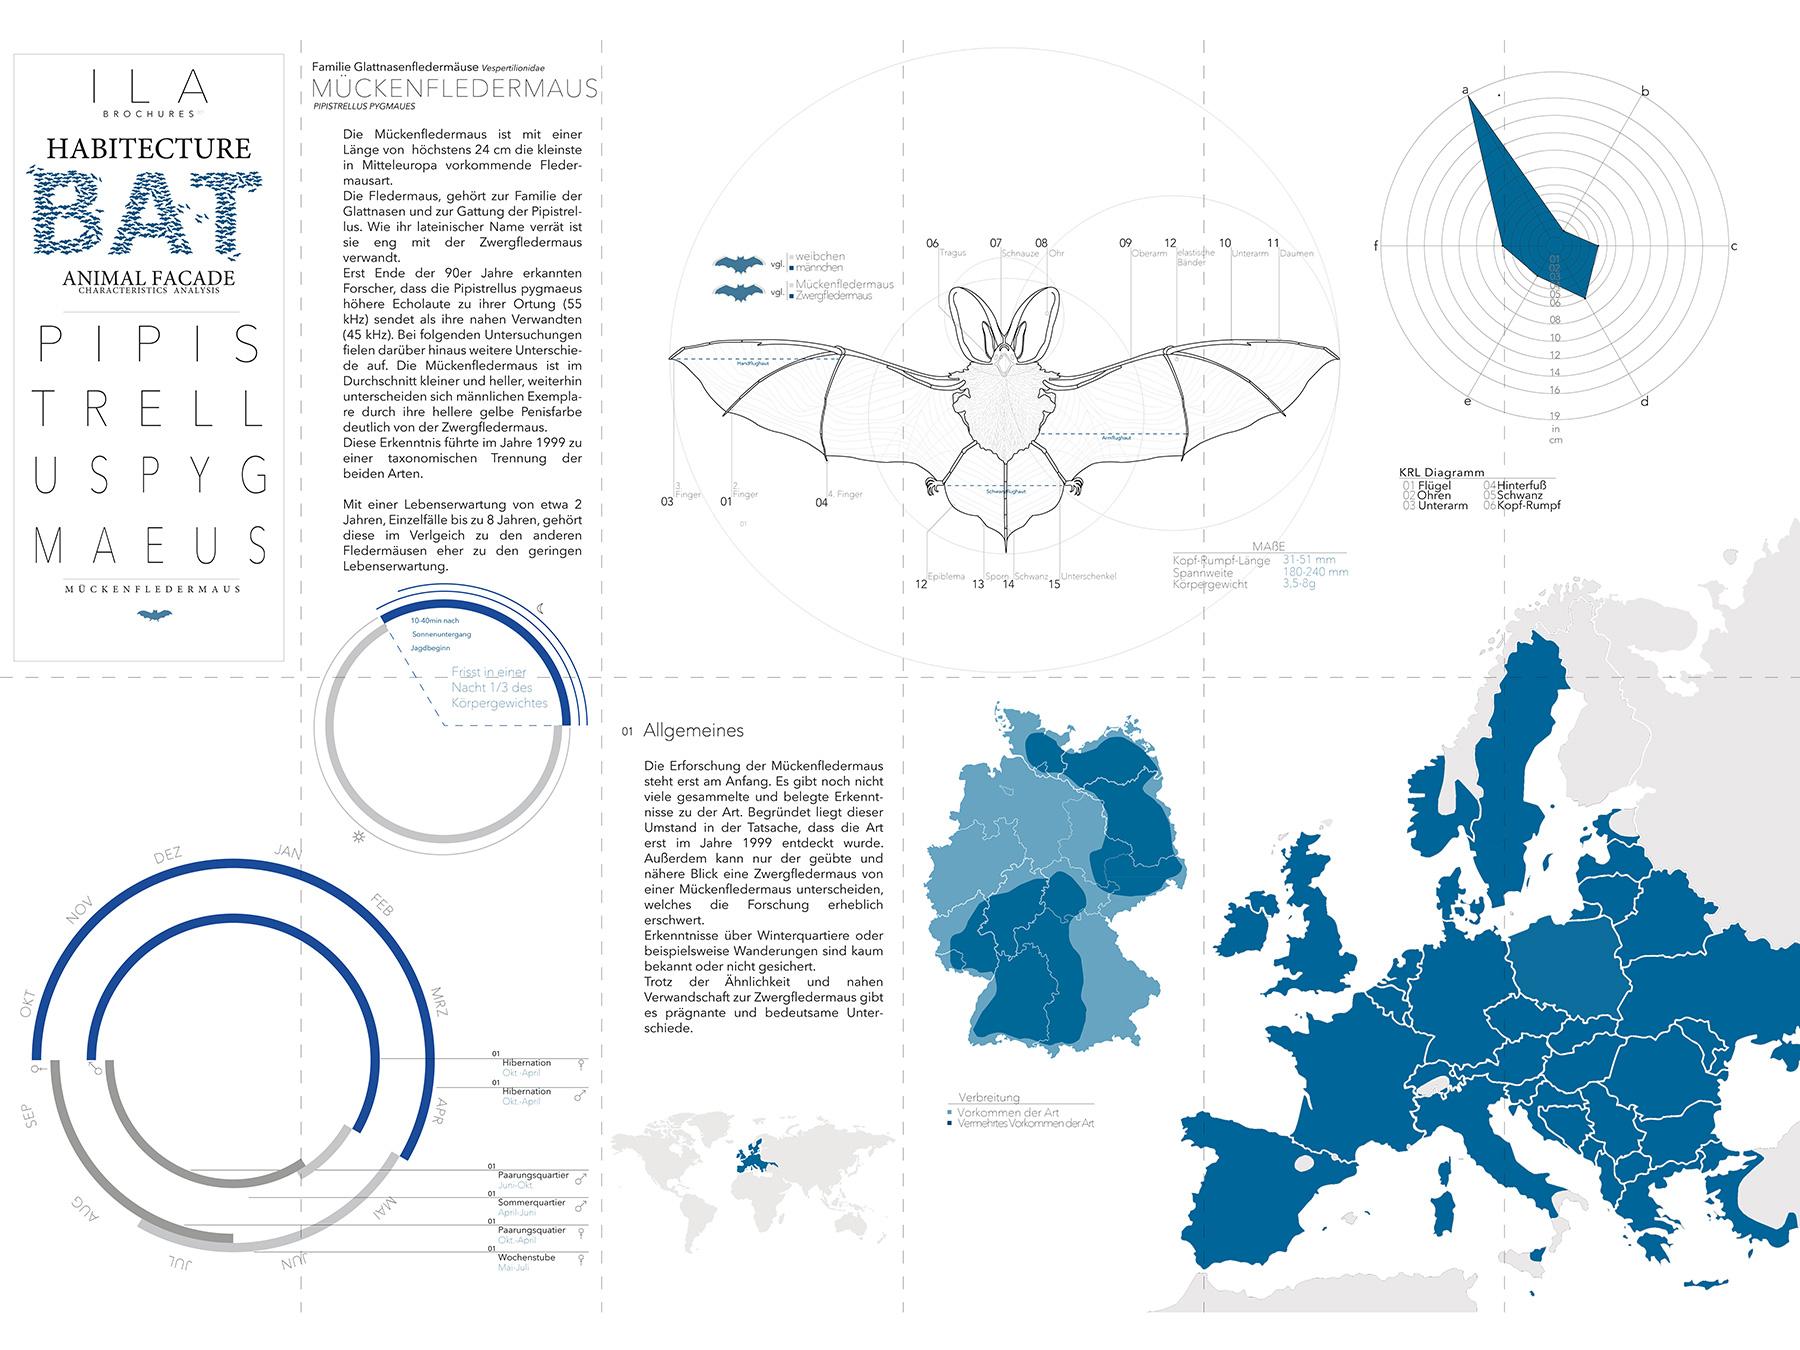 Analysen Animal Facade I Mückenfledermaus Pipistrellus pygmaeus I Zeichnung Christin Bolling - 01